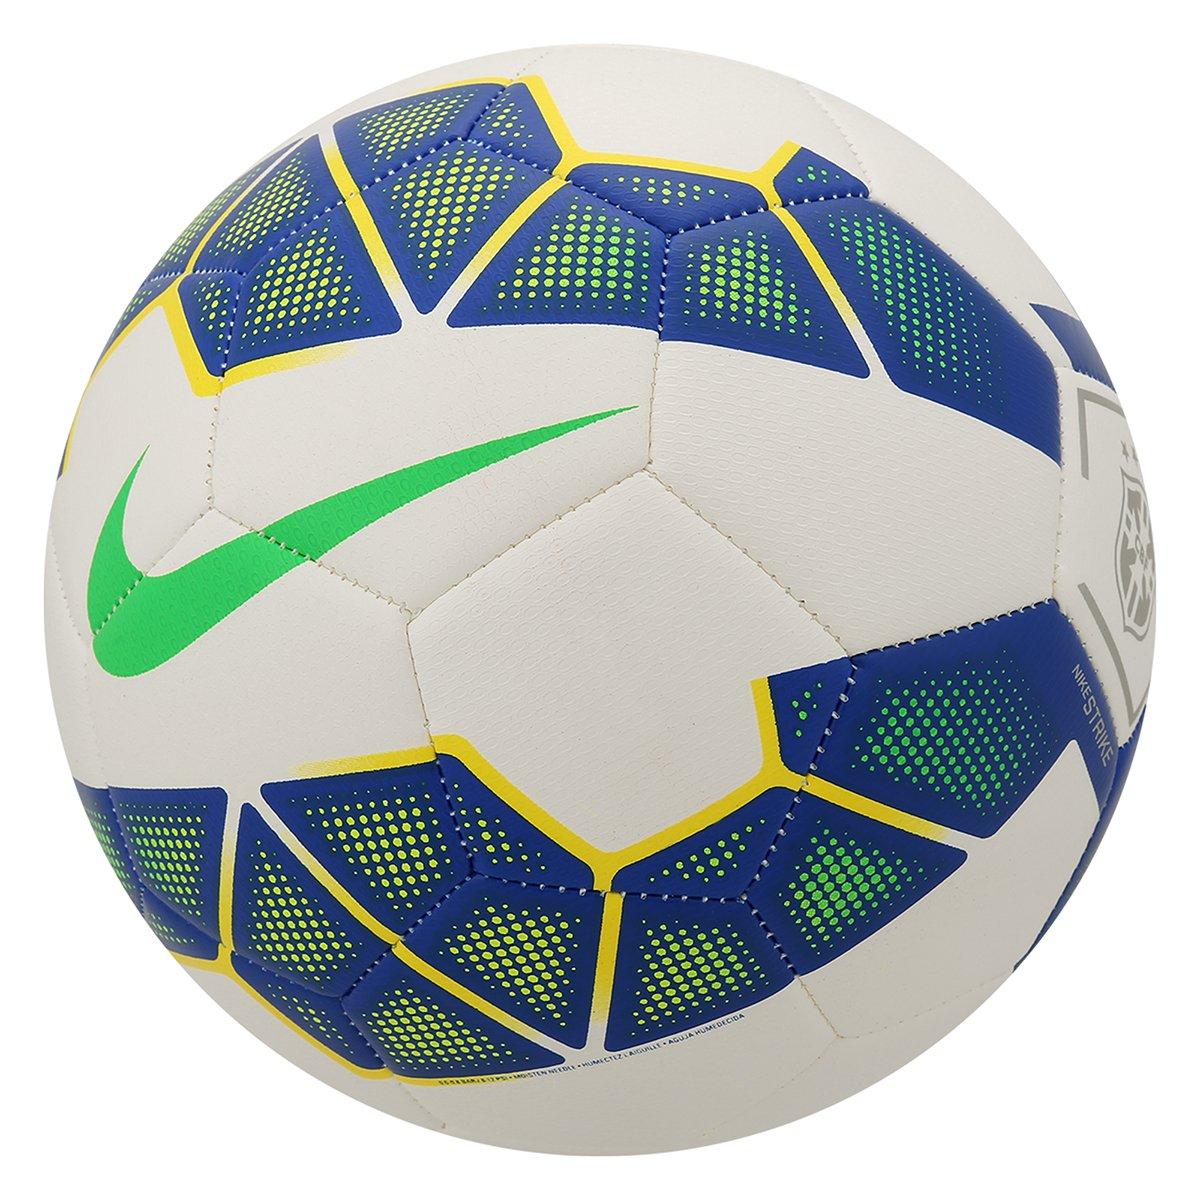 Bola Futebol Campo Nike Strike CBF 2015 - Compre Agora  bc00fef469cb2